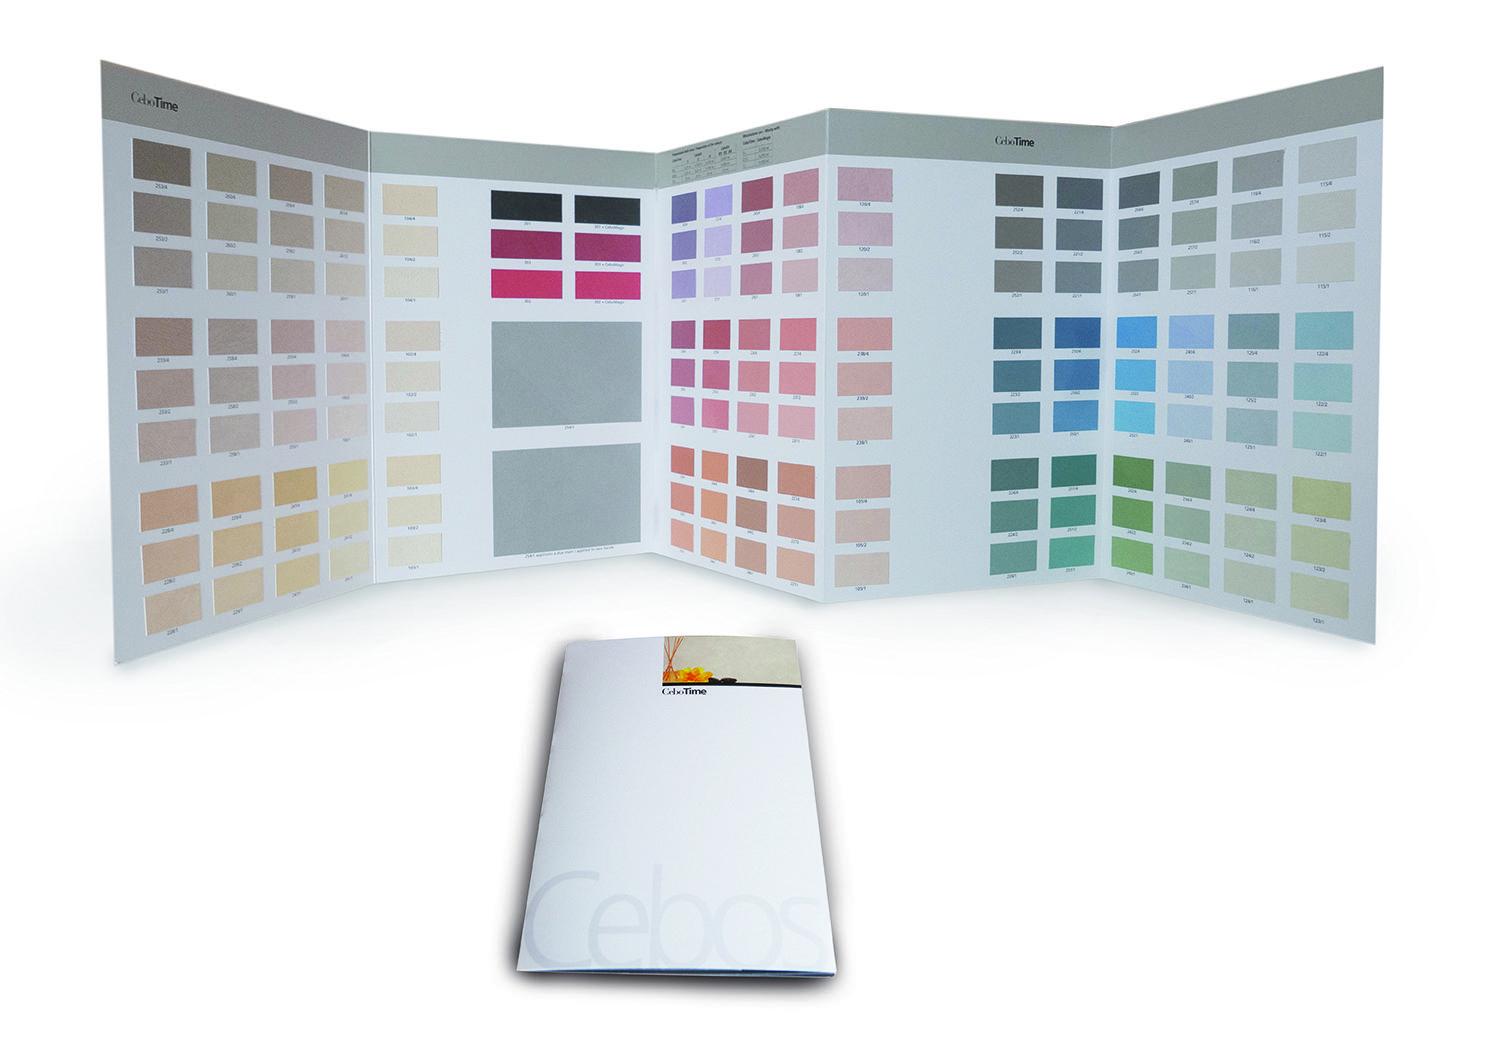 CeboTime: Eleganza e funzionalità sono le nuove dimensioni del colore. Tinte capaci di adeguarsi alle esigenze dell'abitare con versatilità estetica. Cromie emozionali di elevato spessore tecnico. #cebotime #piaceriquotidiani #pittura #decorazione #ceboscolor